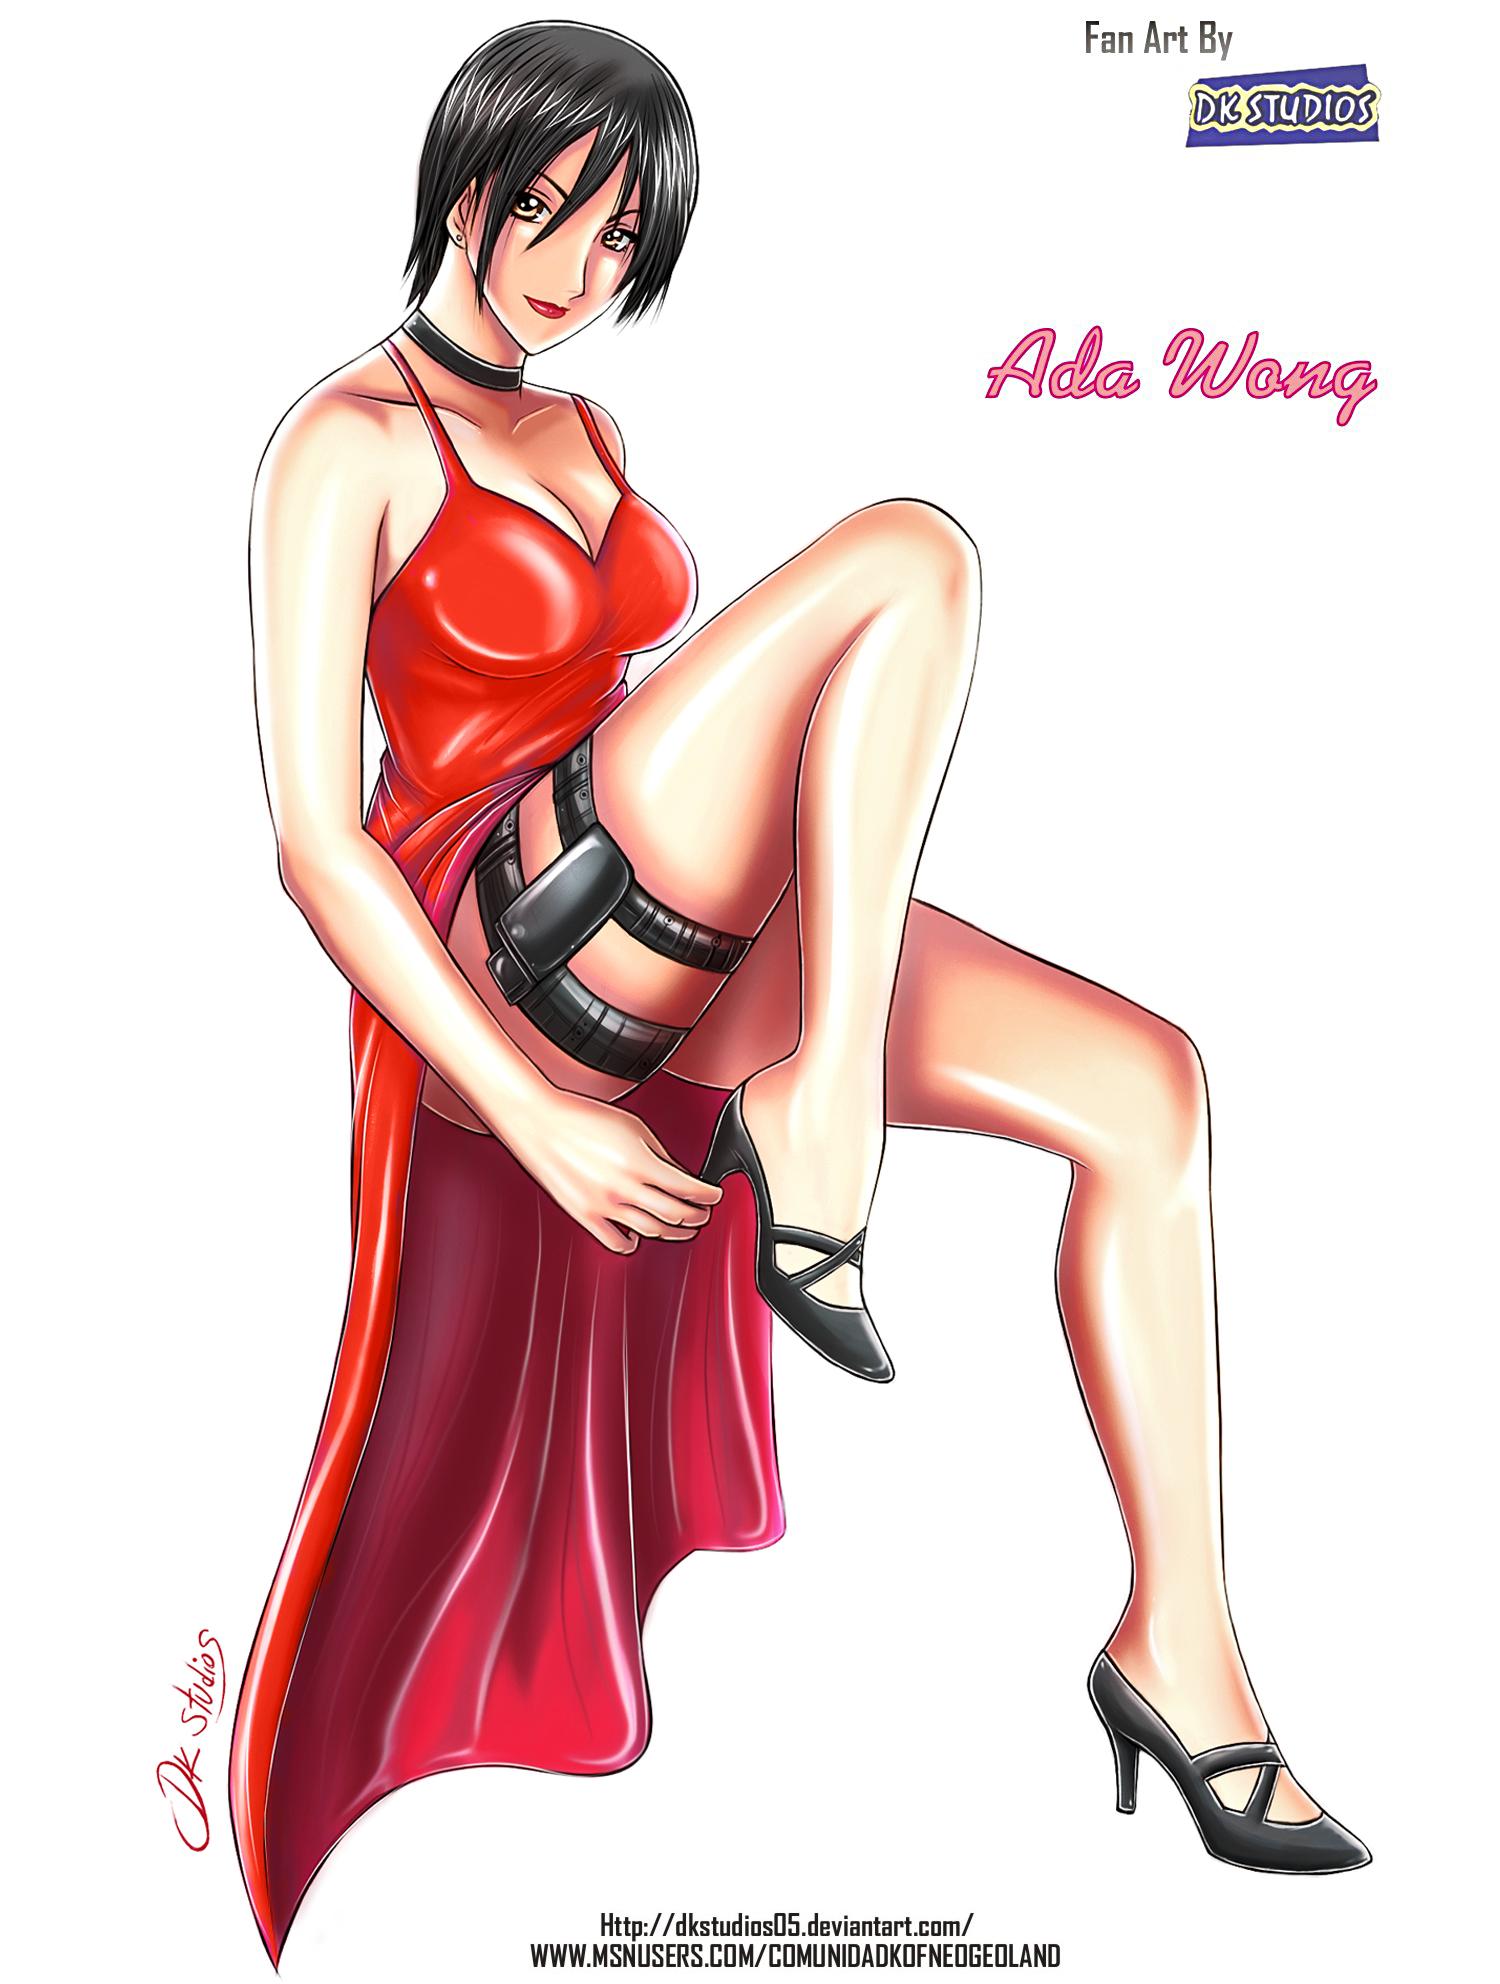 Ada Wong Sexy by DKSTUDIOS05